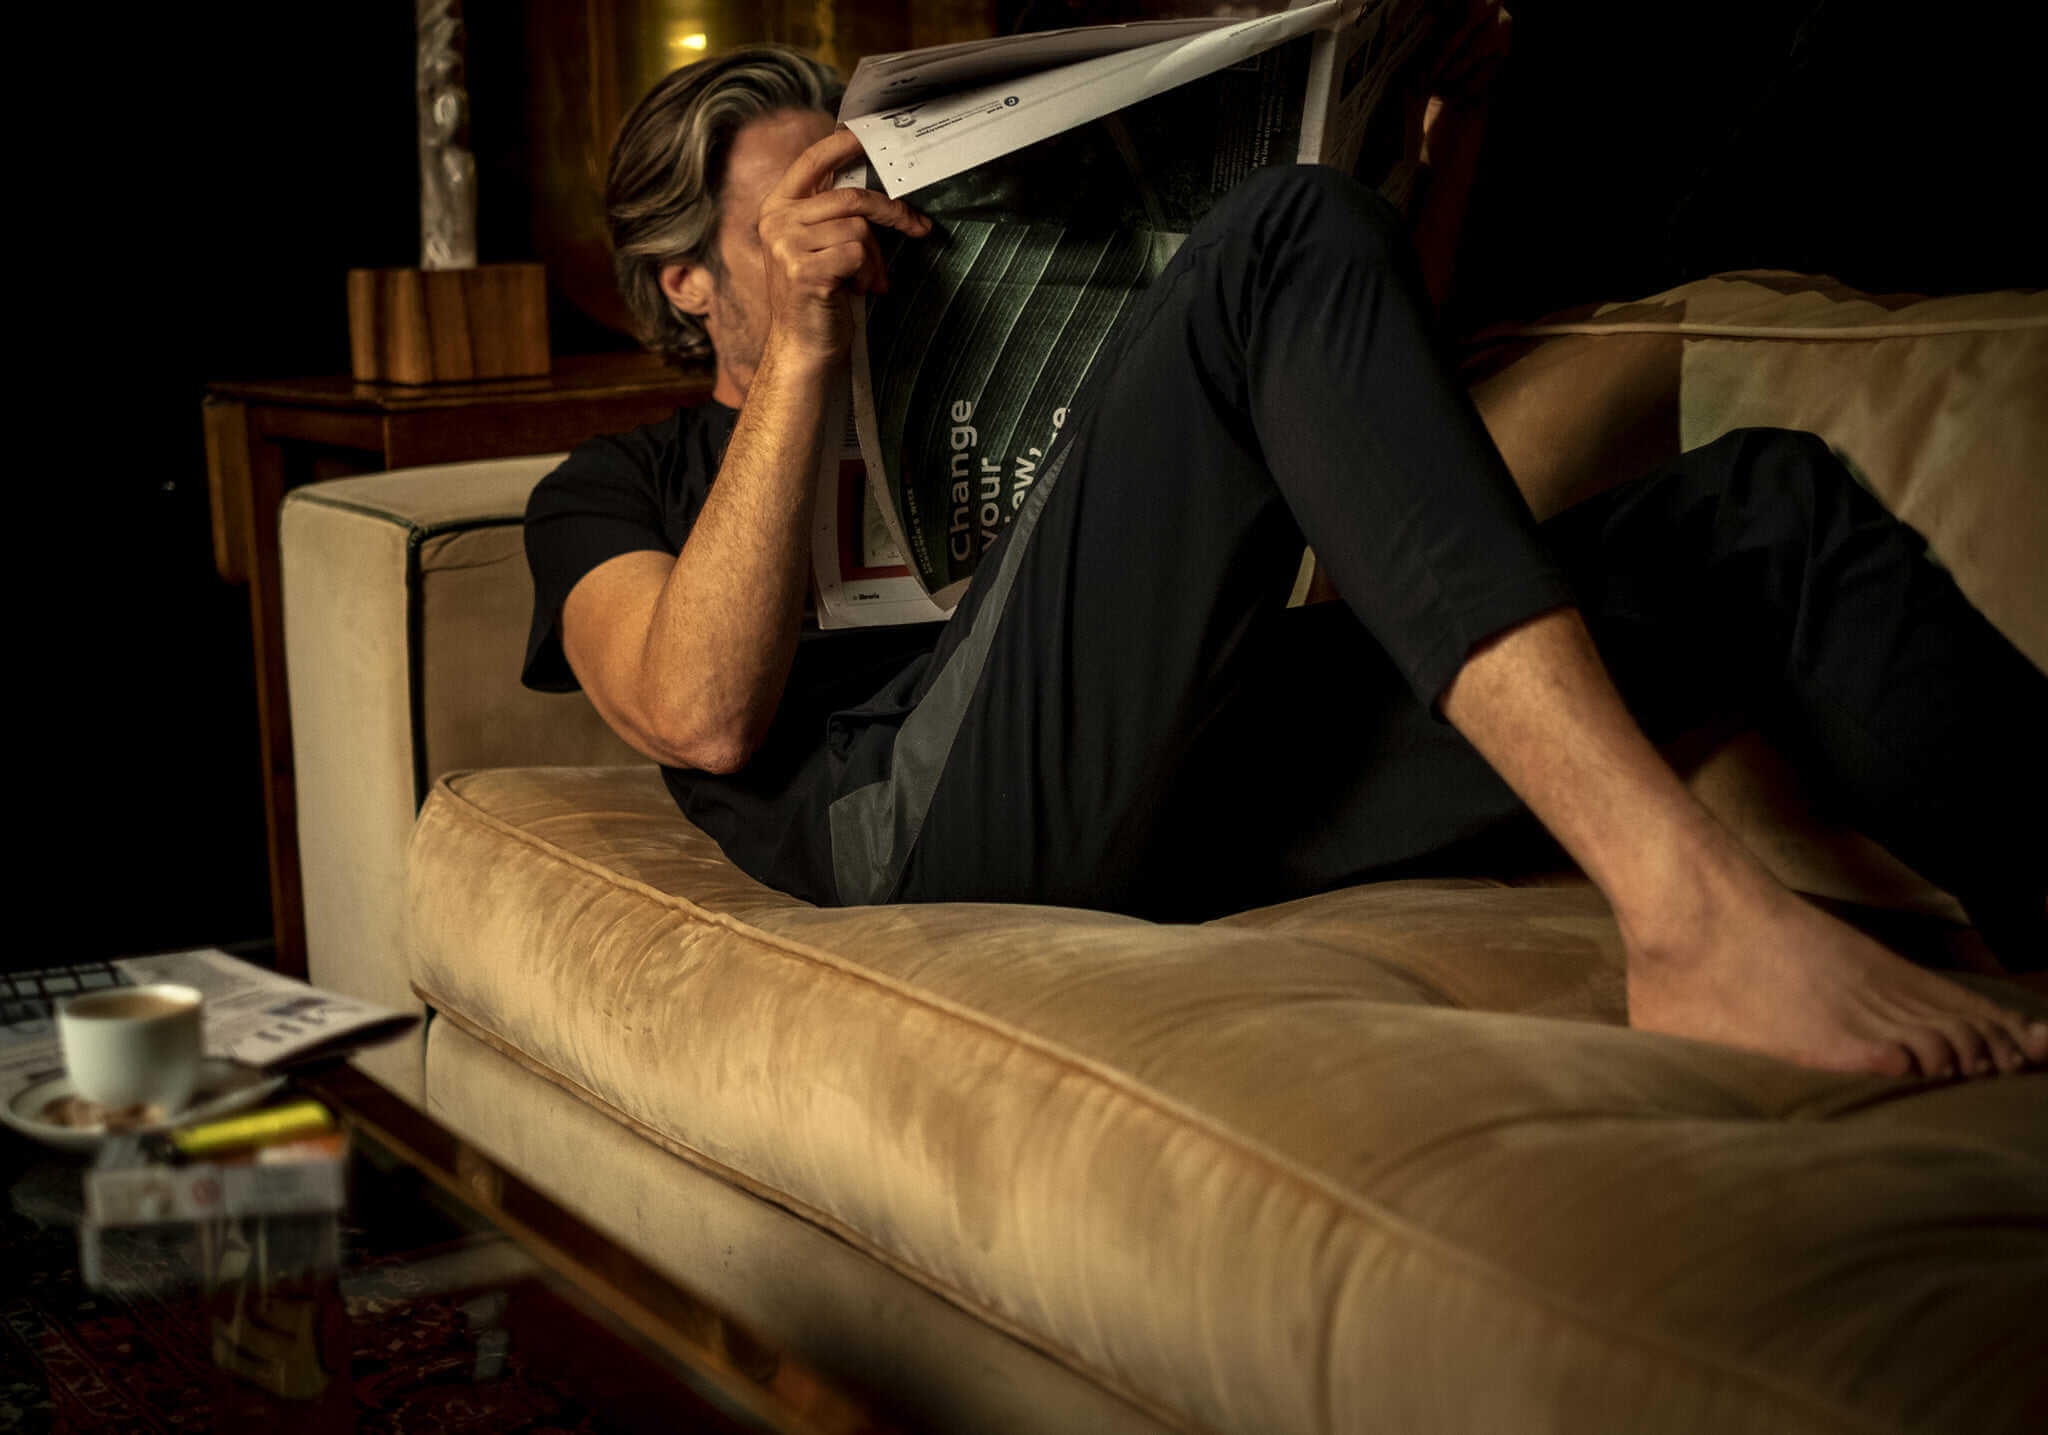 homme sur canapé